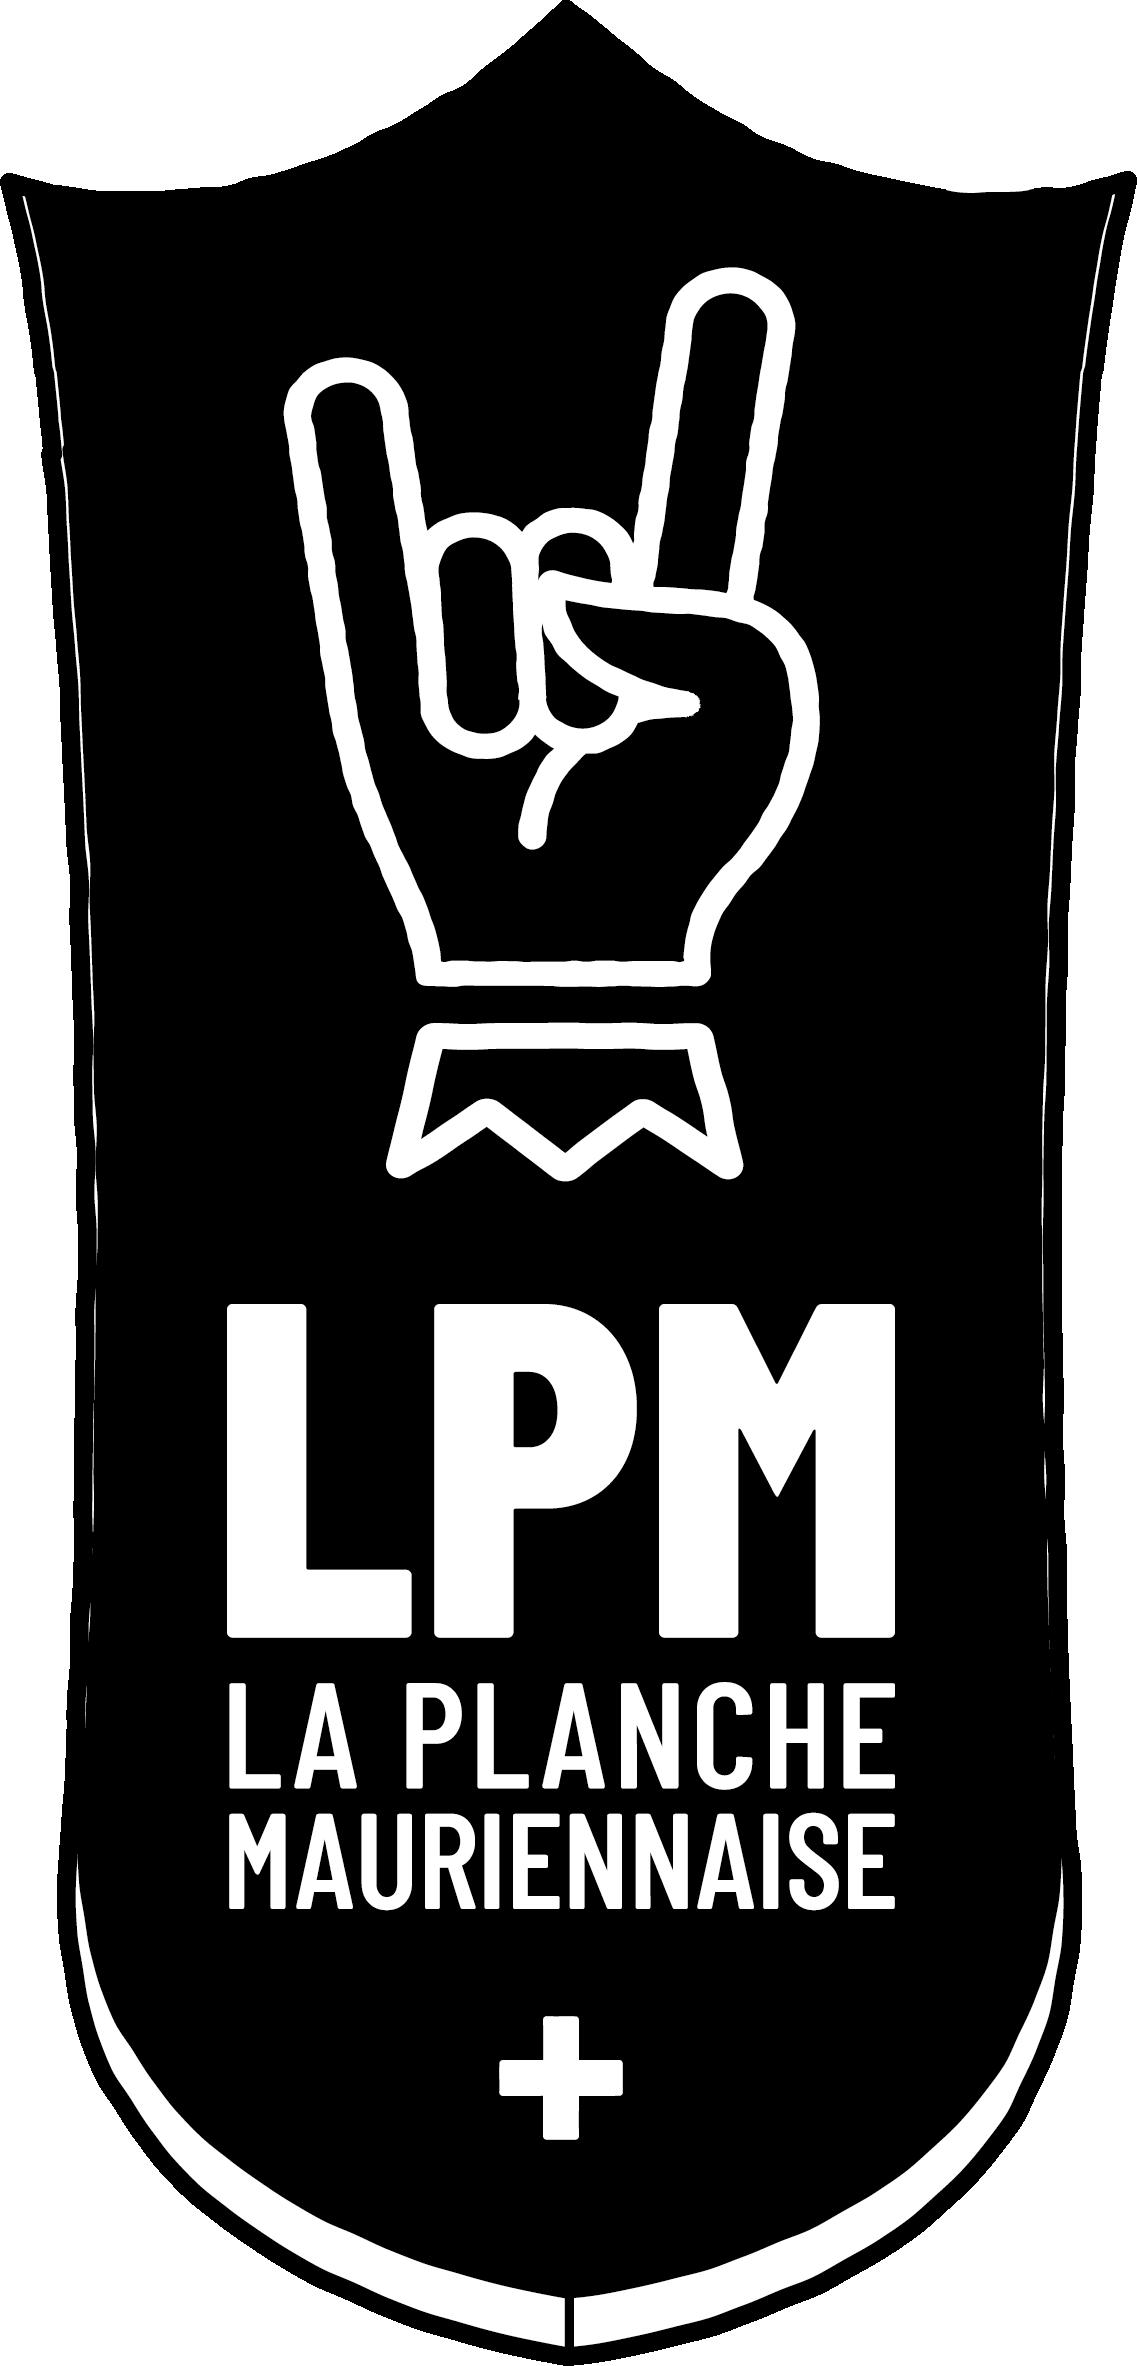 LPM / La Planche Mauriennaise - Skis Artisanaux Haut de Gamme